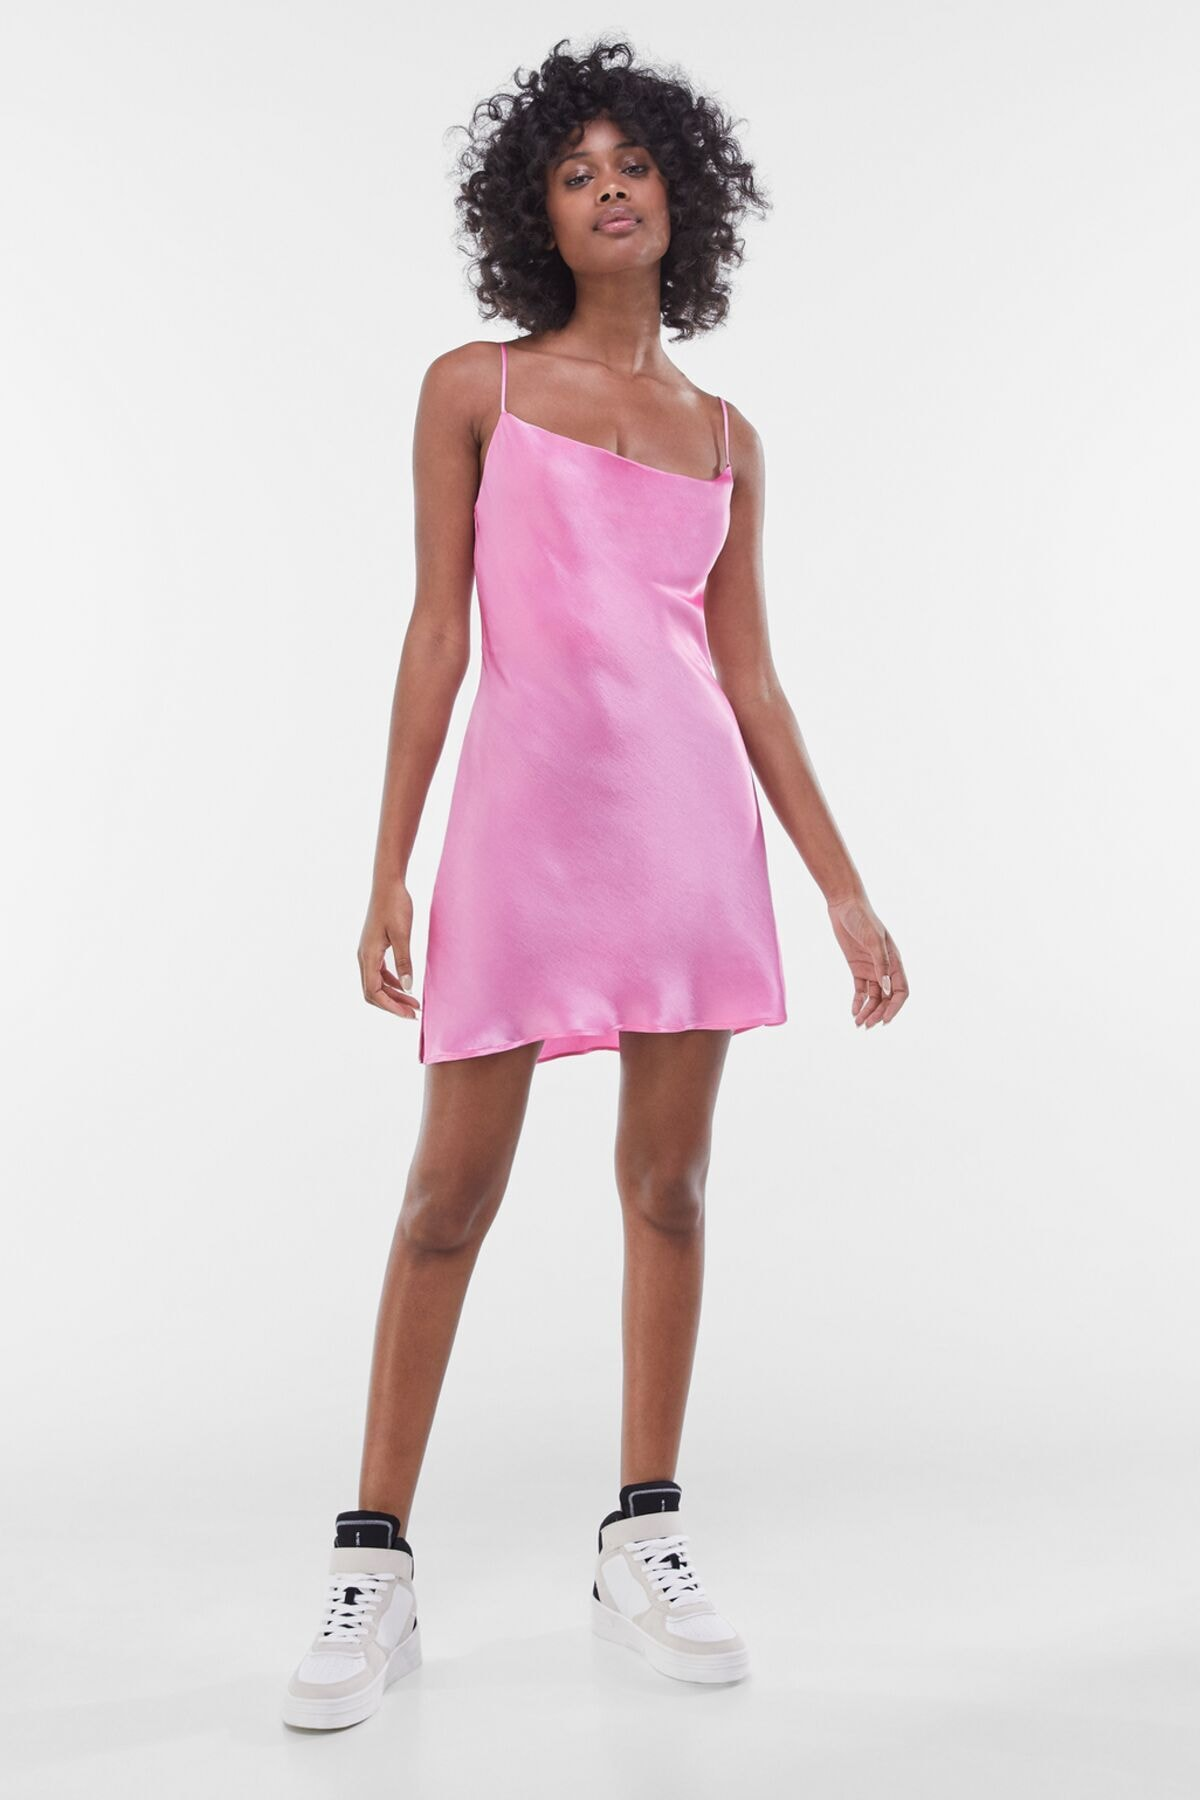 Bershka Kadın Fuşya Saten Mini Slip Elbise 00581168 3